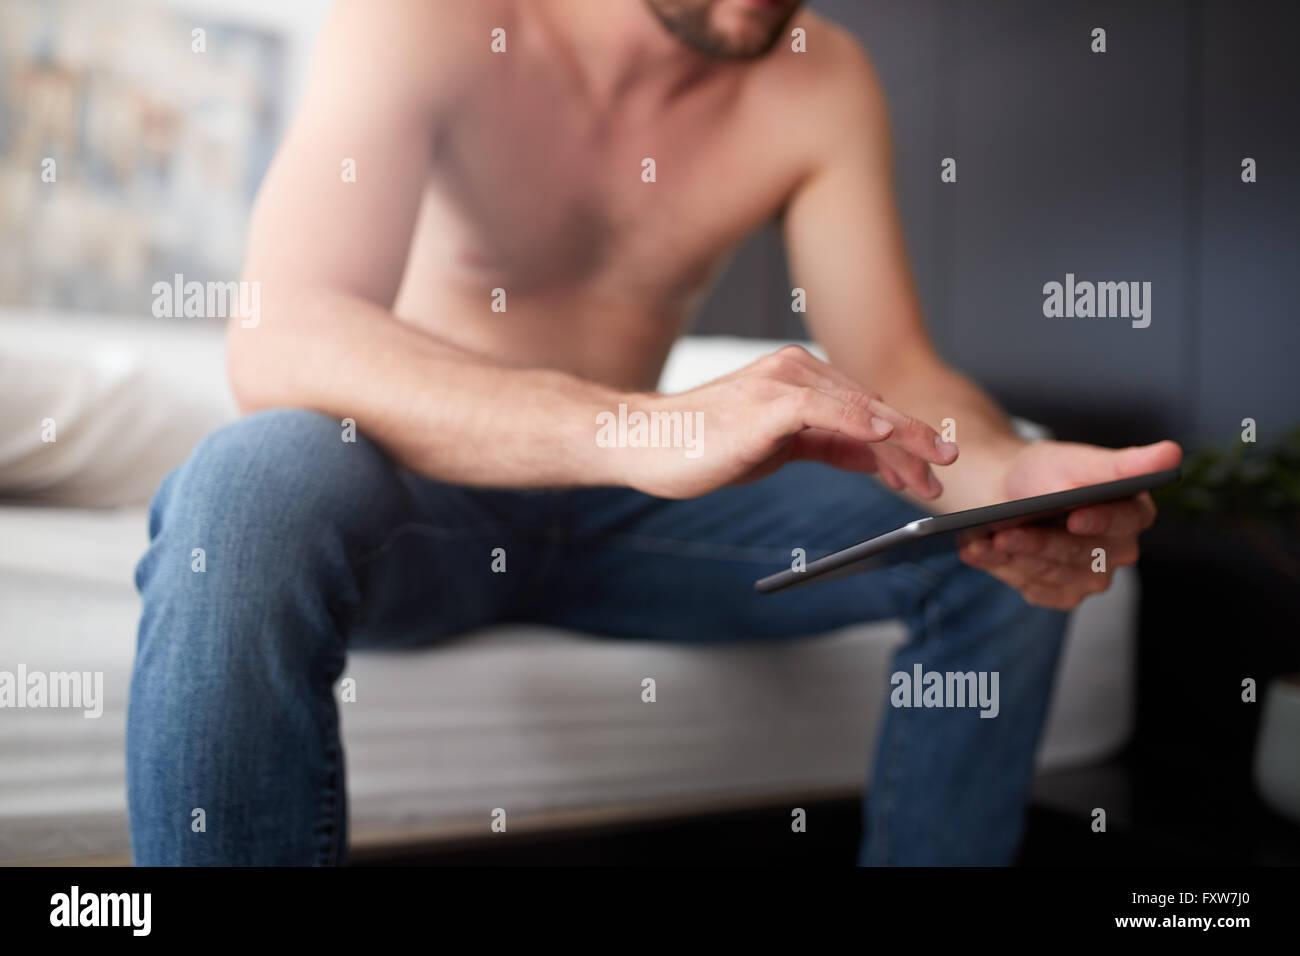 Portrait de jeune homme assis sur le lit à l'aide de tablette numérique. Se concentrer sur les mains Photo Stock